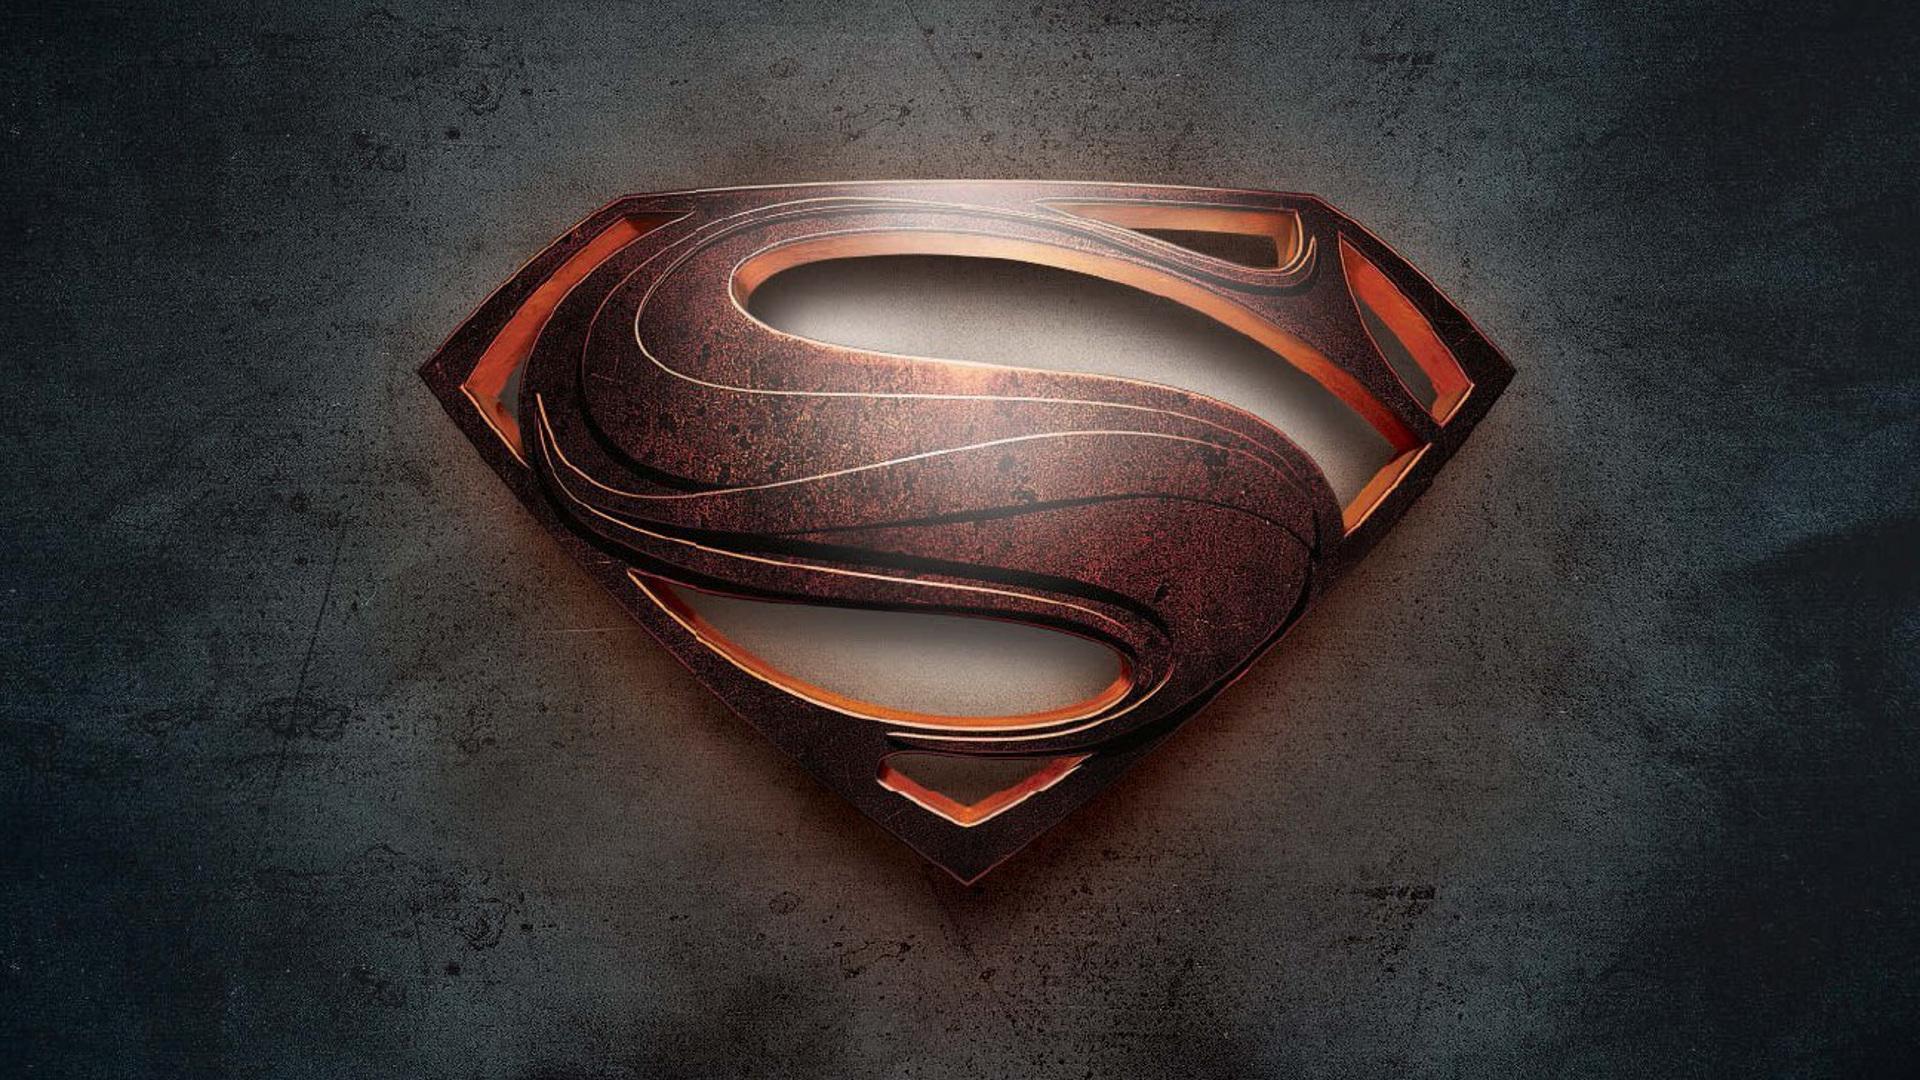 Cars Wallpapers In Full Hd Logo Superman Wallpaper Hd Free Download Pixelstalk Net